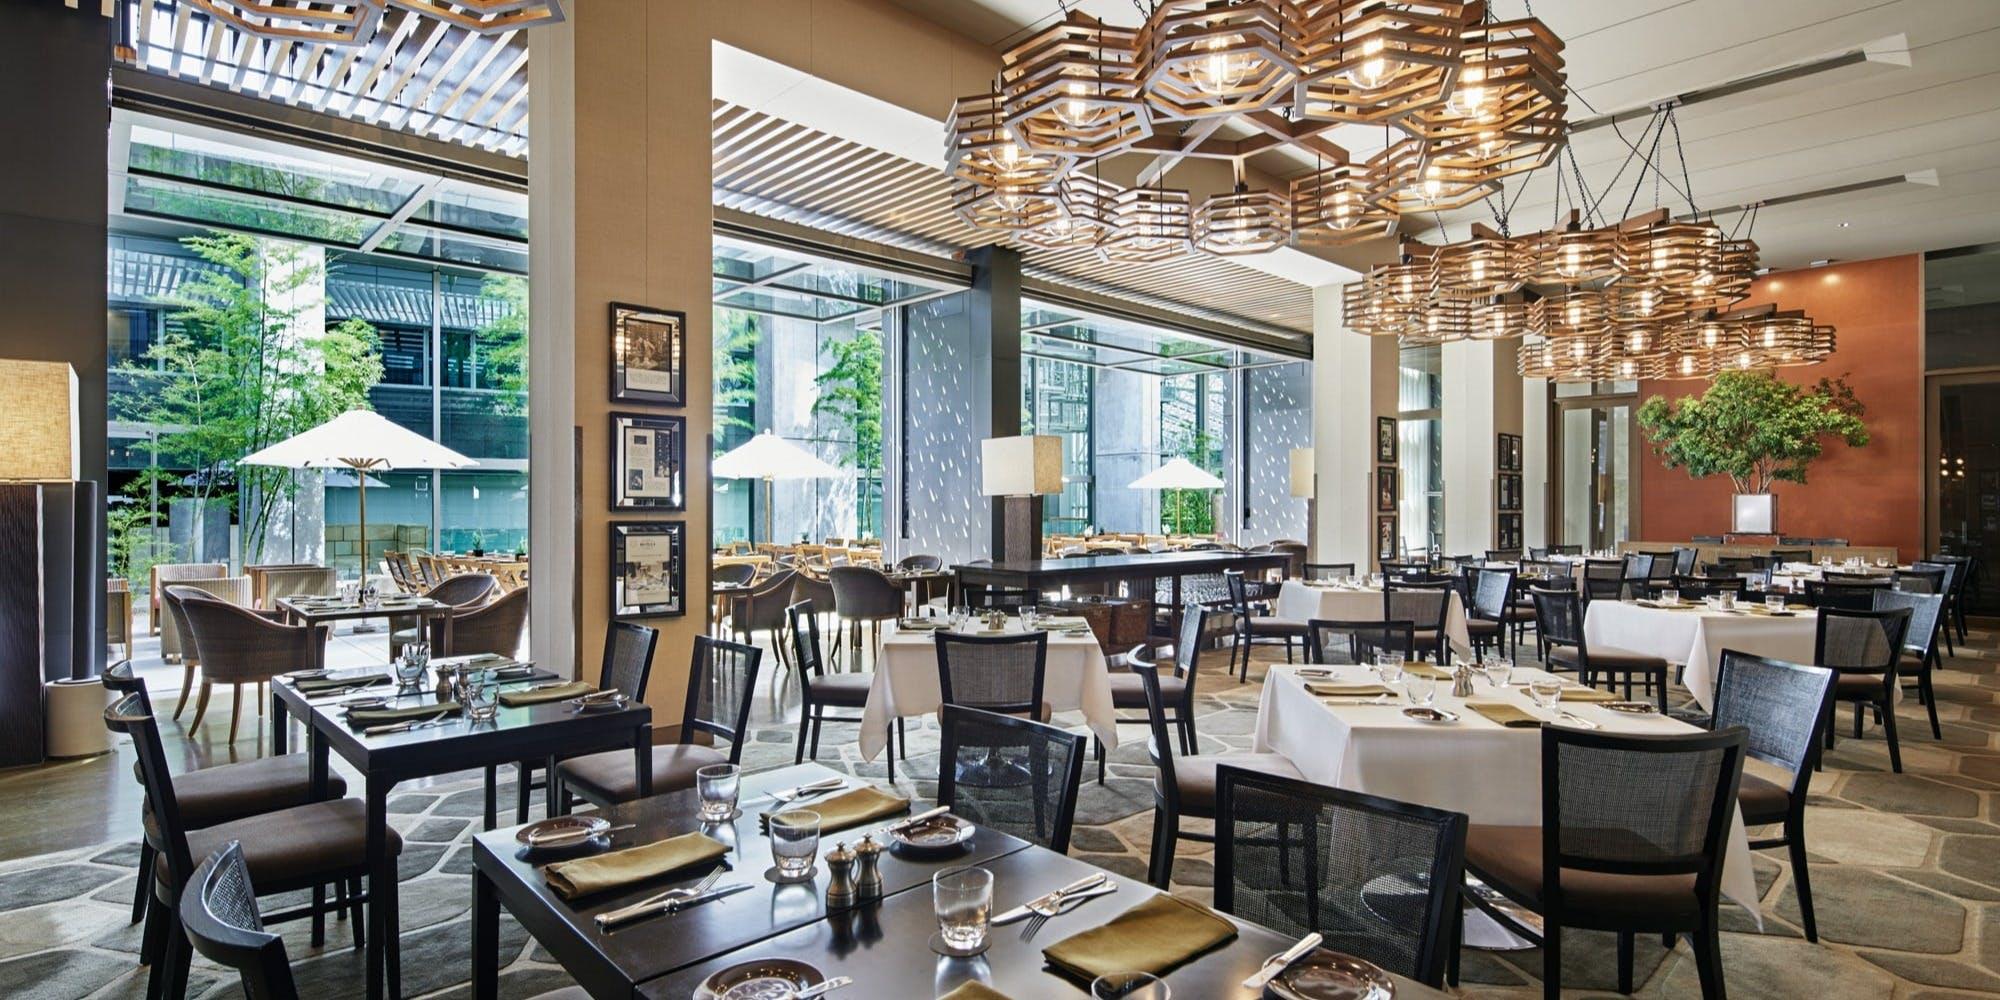 記念日におすすめのレストラン・オーク ドア/グランド ハイアット 東京の写真1